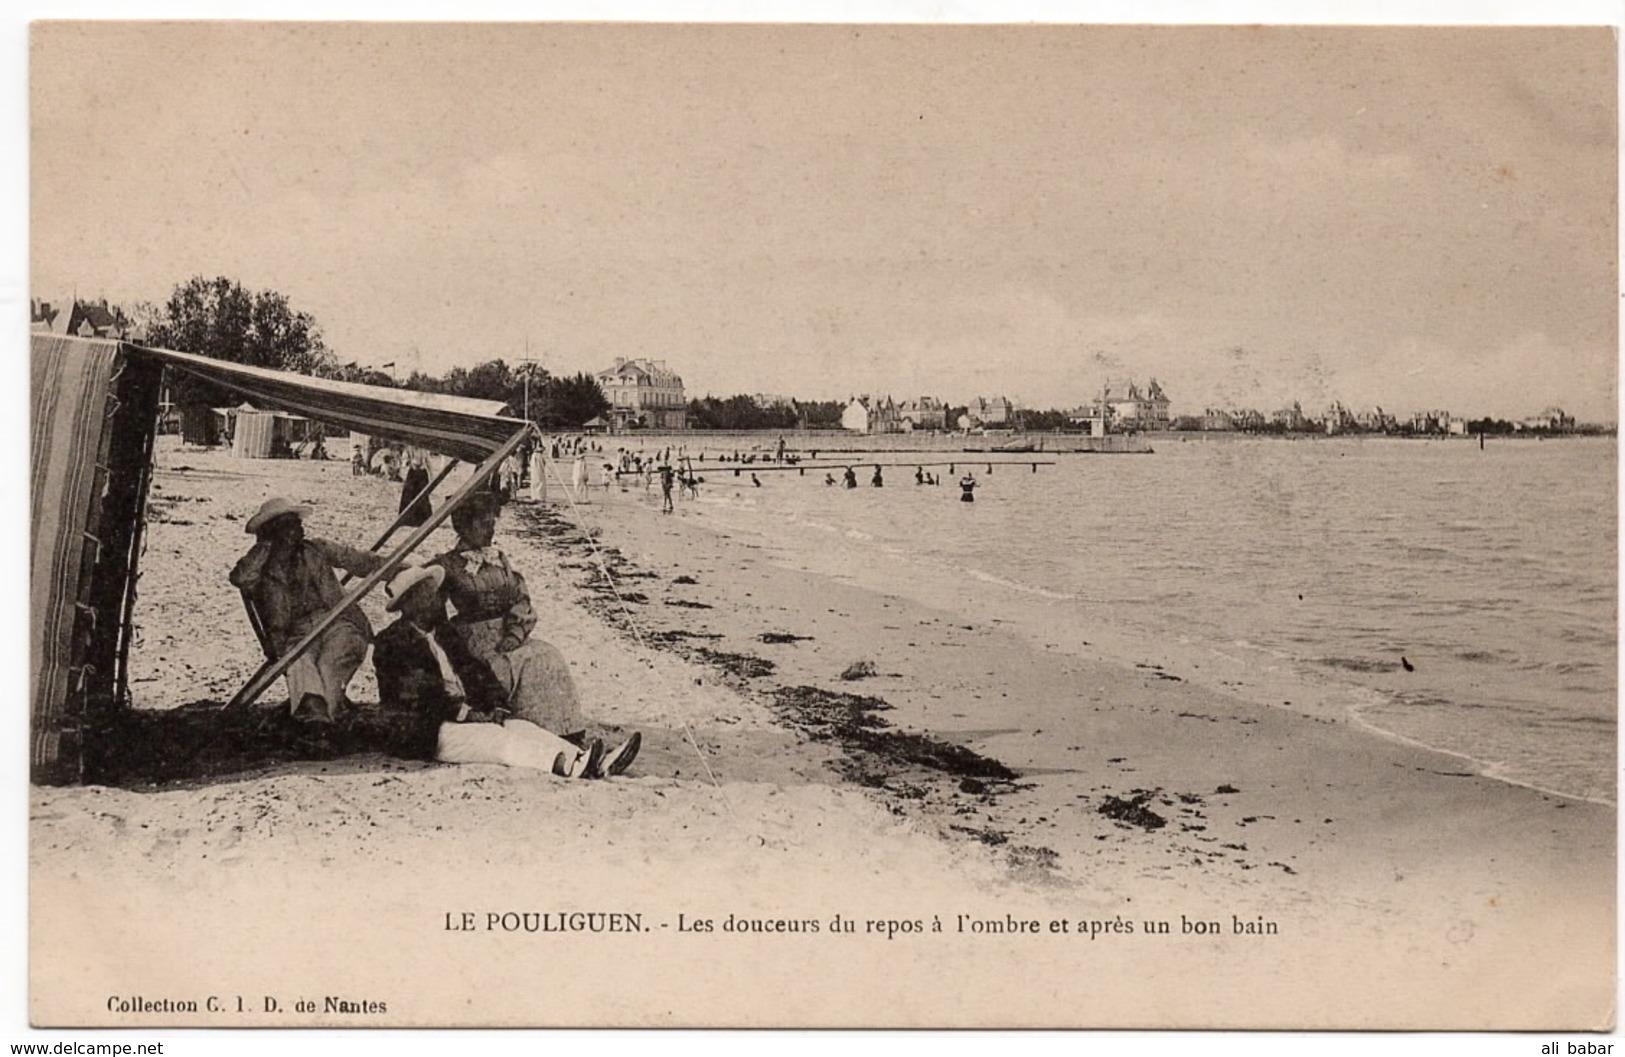 Le Pouliguen : Les Douceurs Du Repos (collection G.I.D., Nantes) - Le Pouliguen